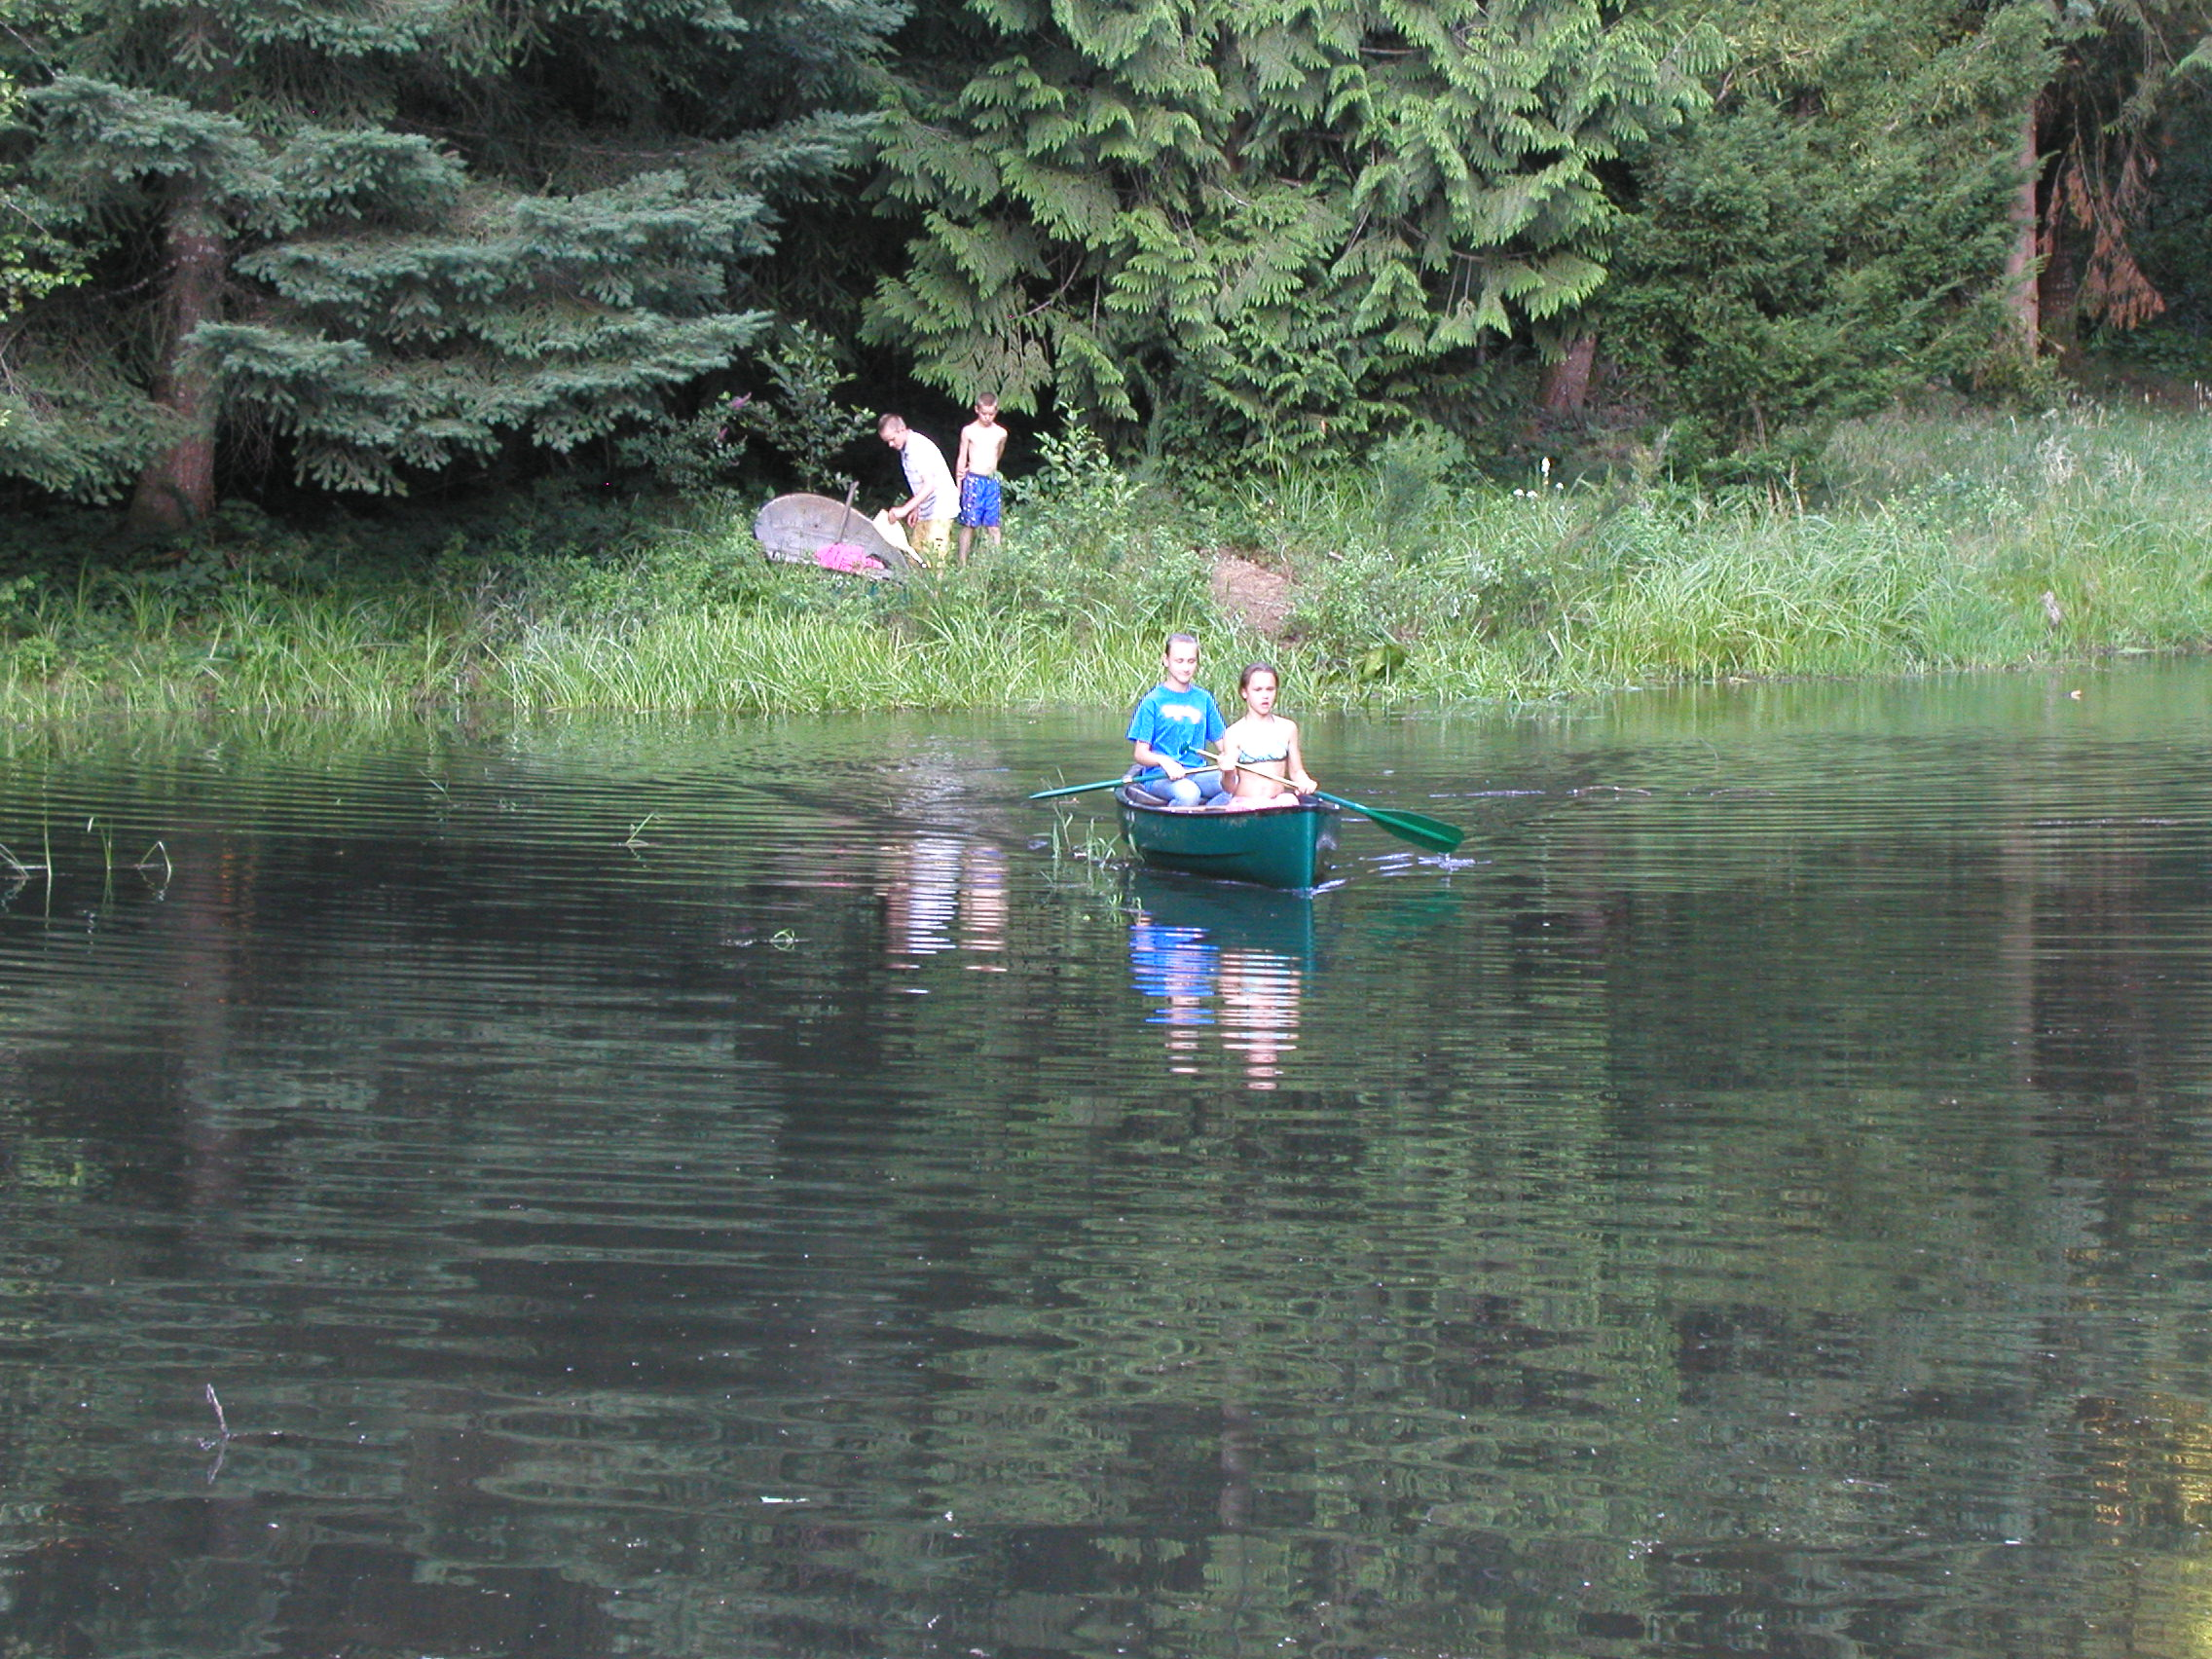 6 girls canoe